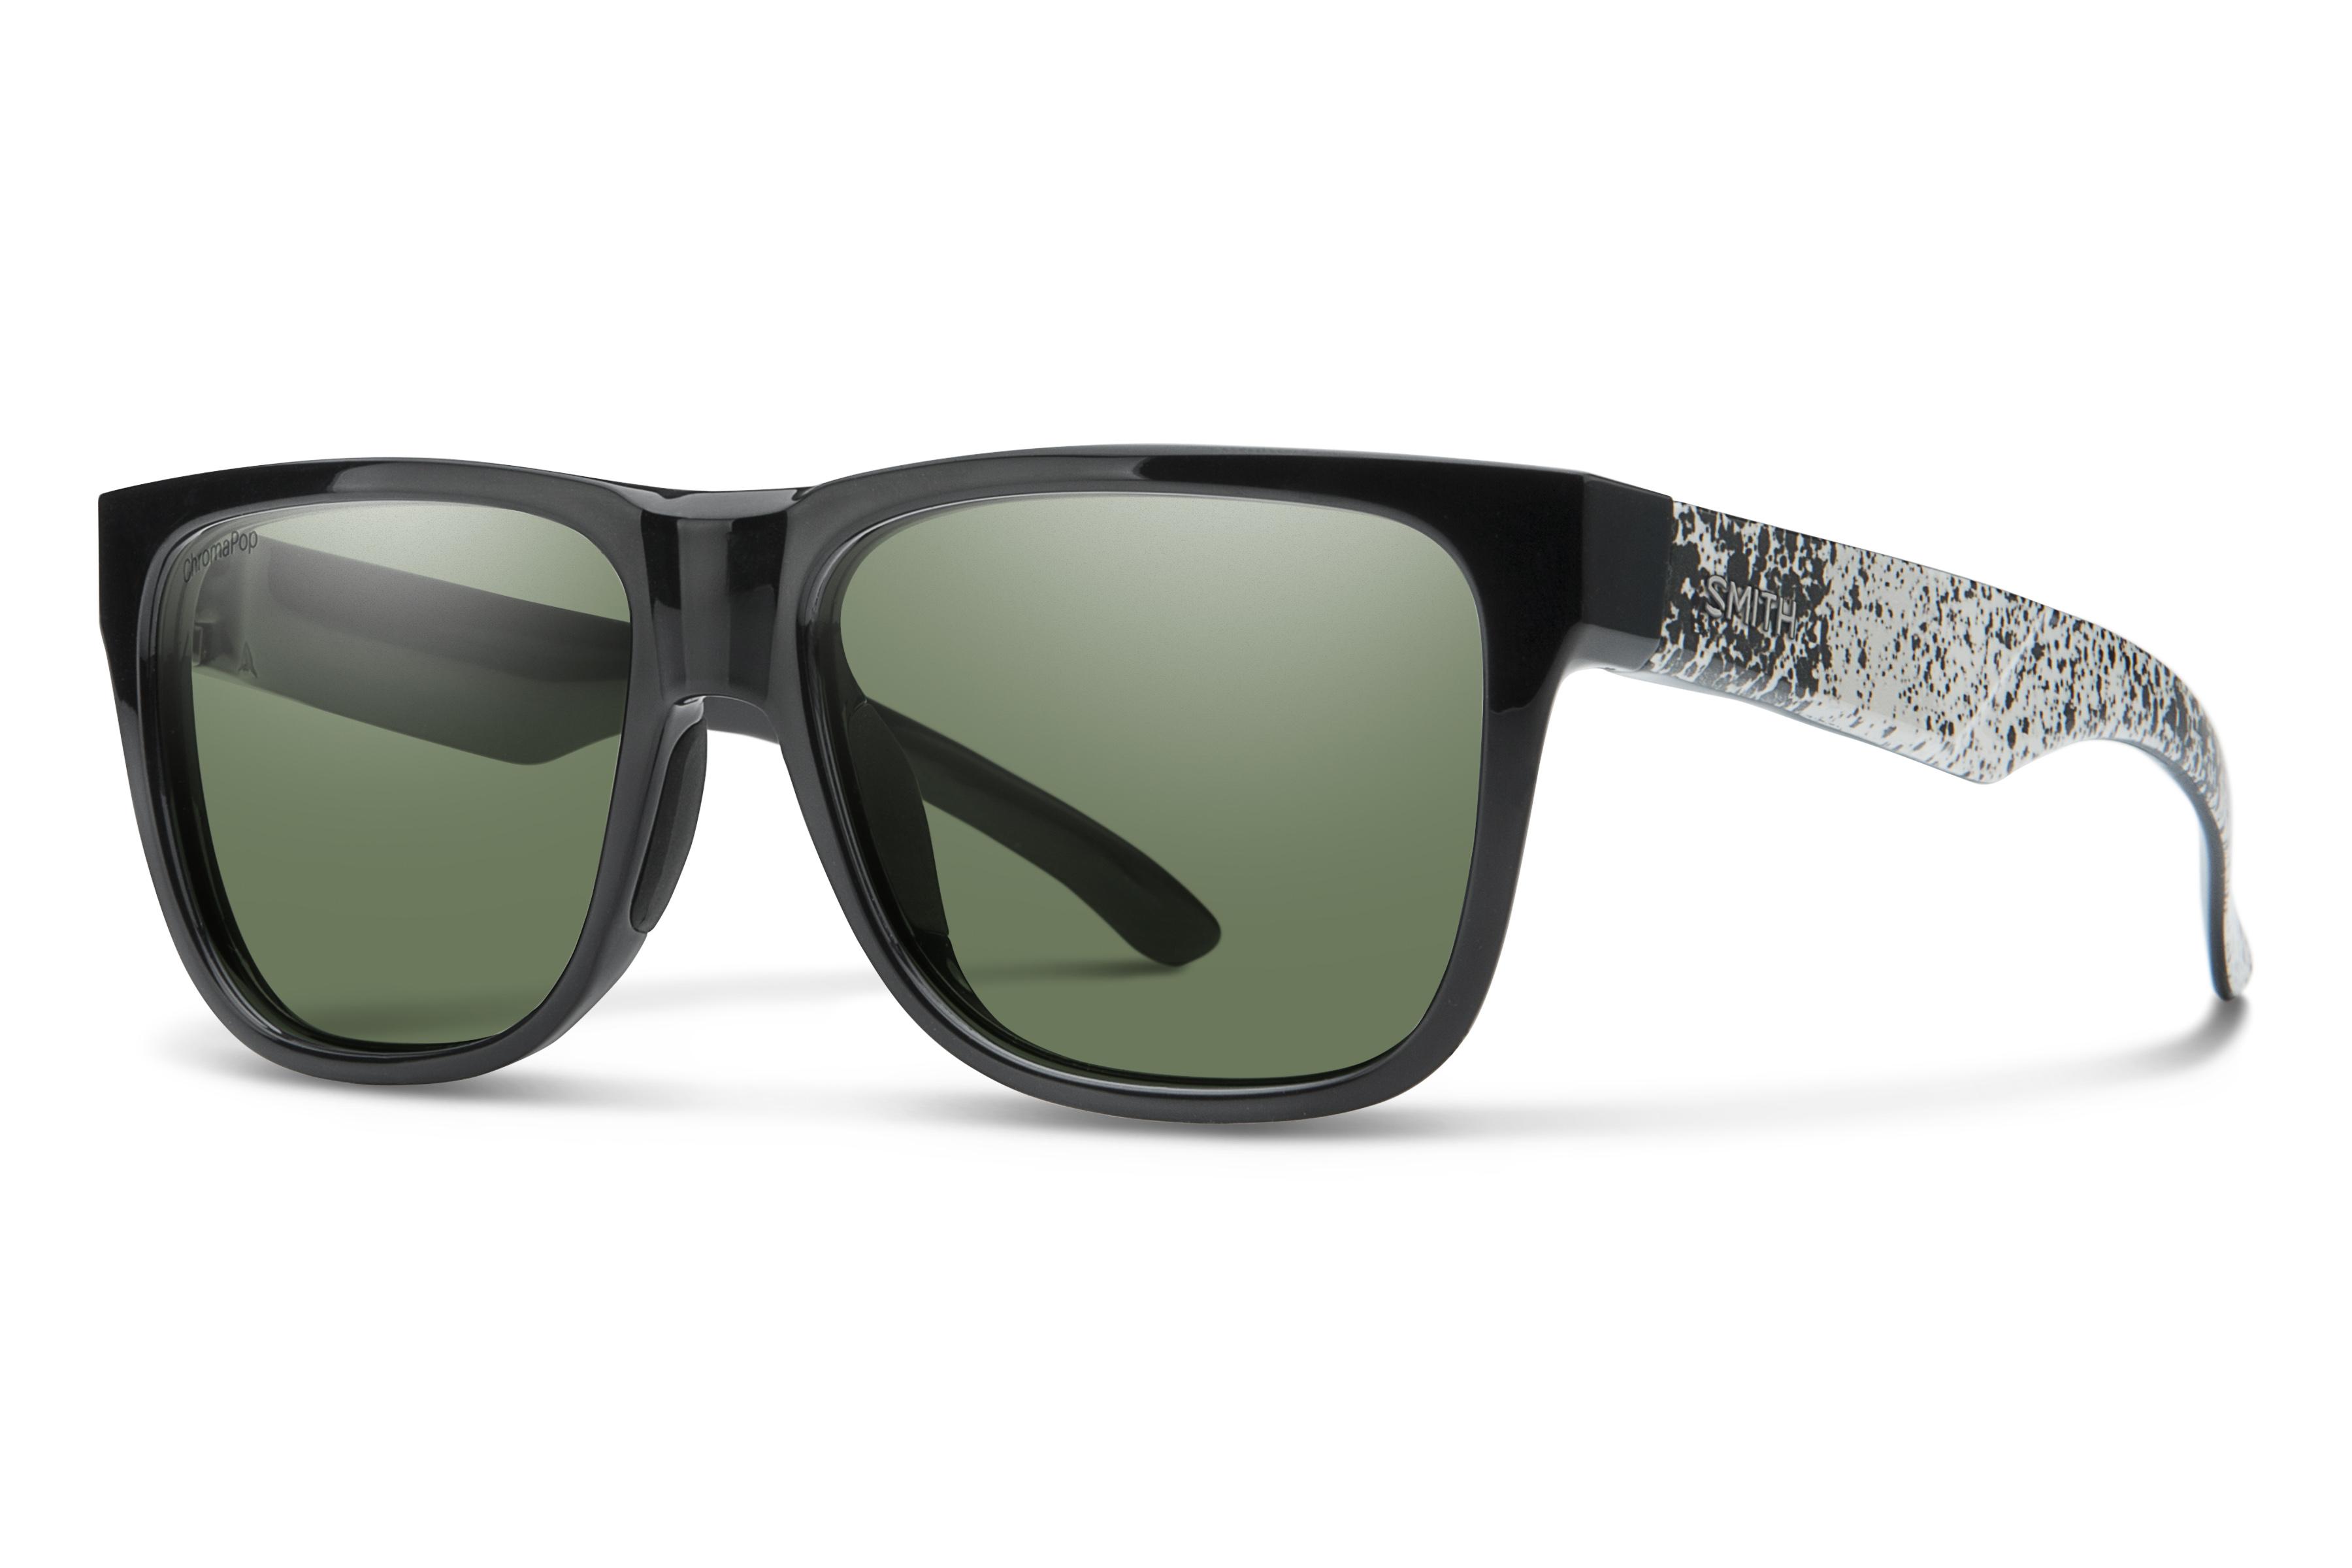 e3d560195 Grupo Safilo anuncia chegada da marca de óculos Smith no Brasil